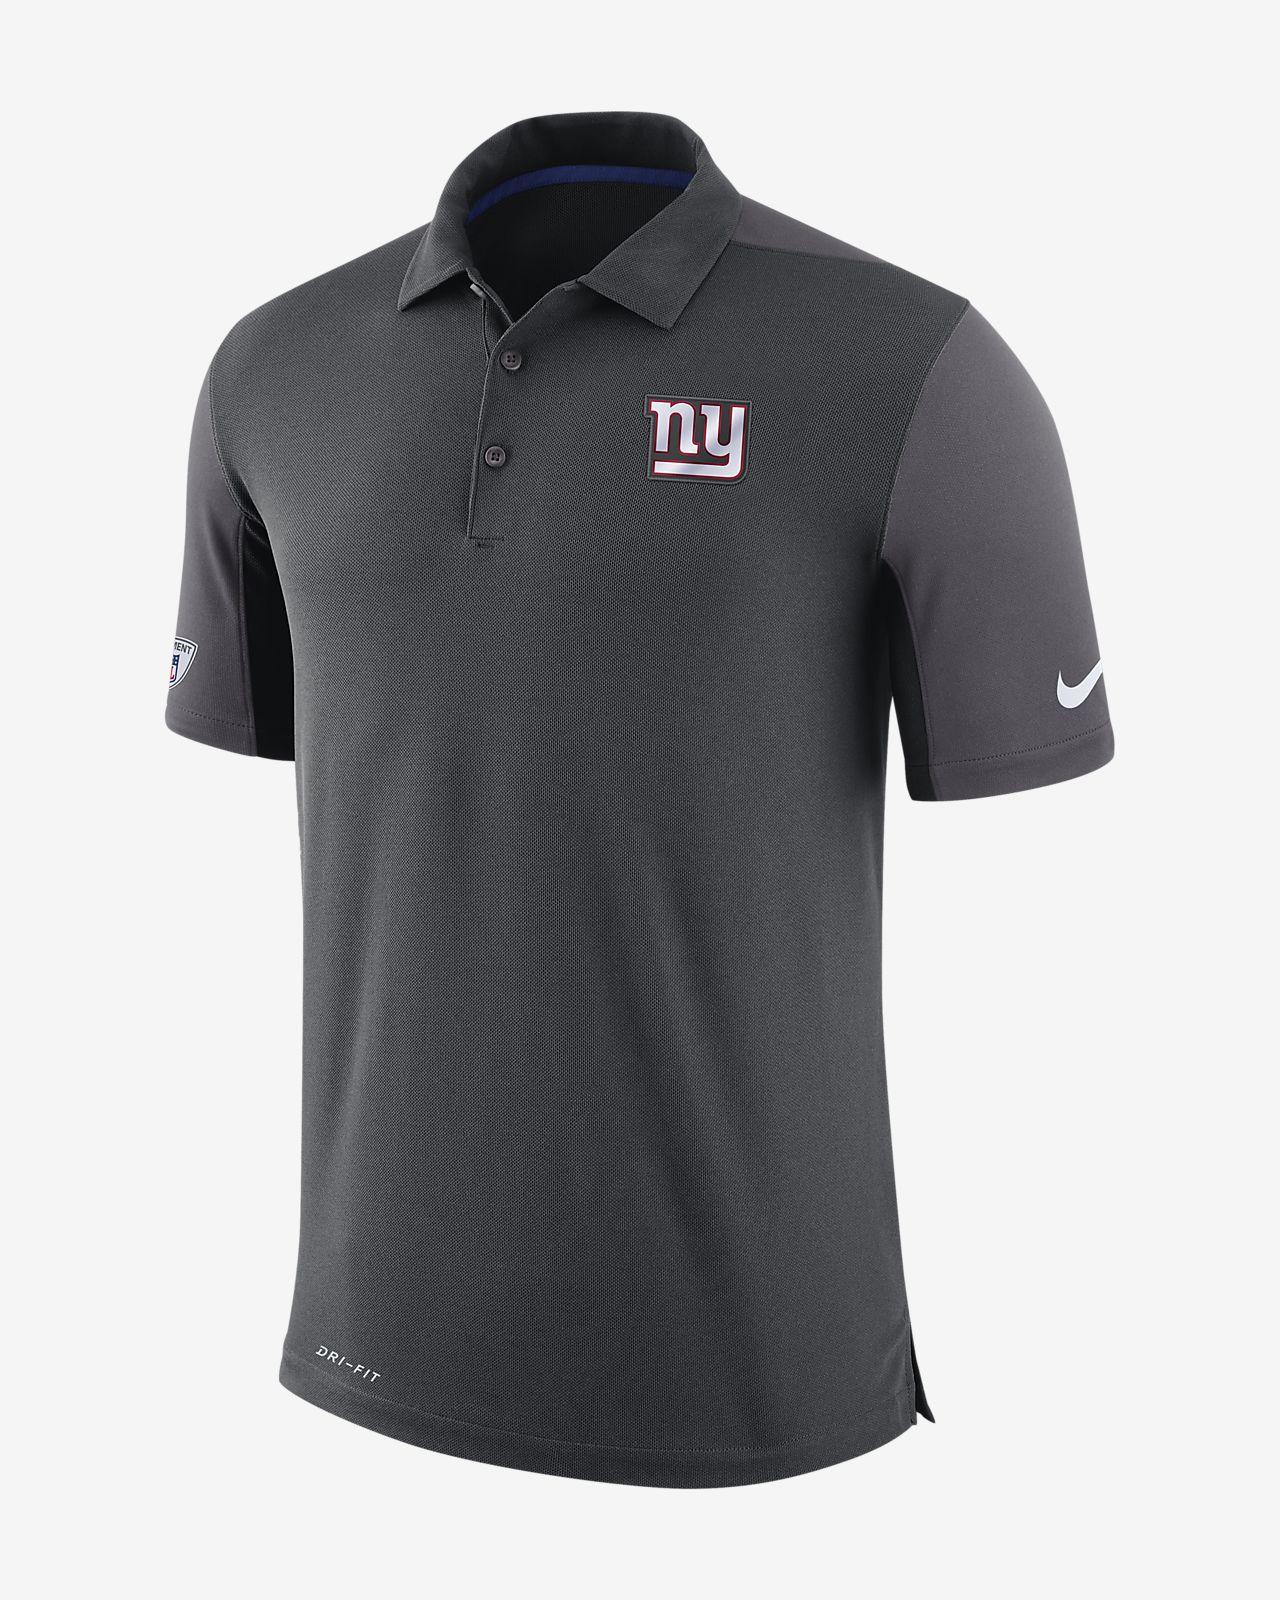 Nike Dry Team Issue (NFL Giants) Men's Polo